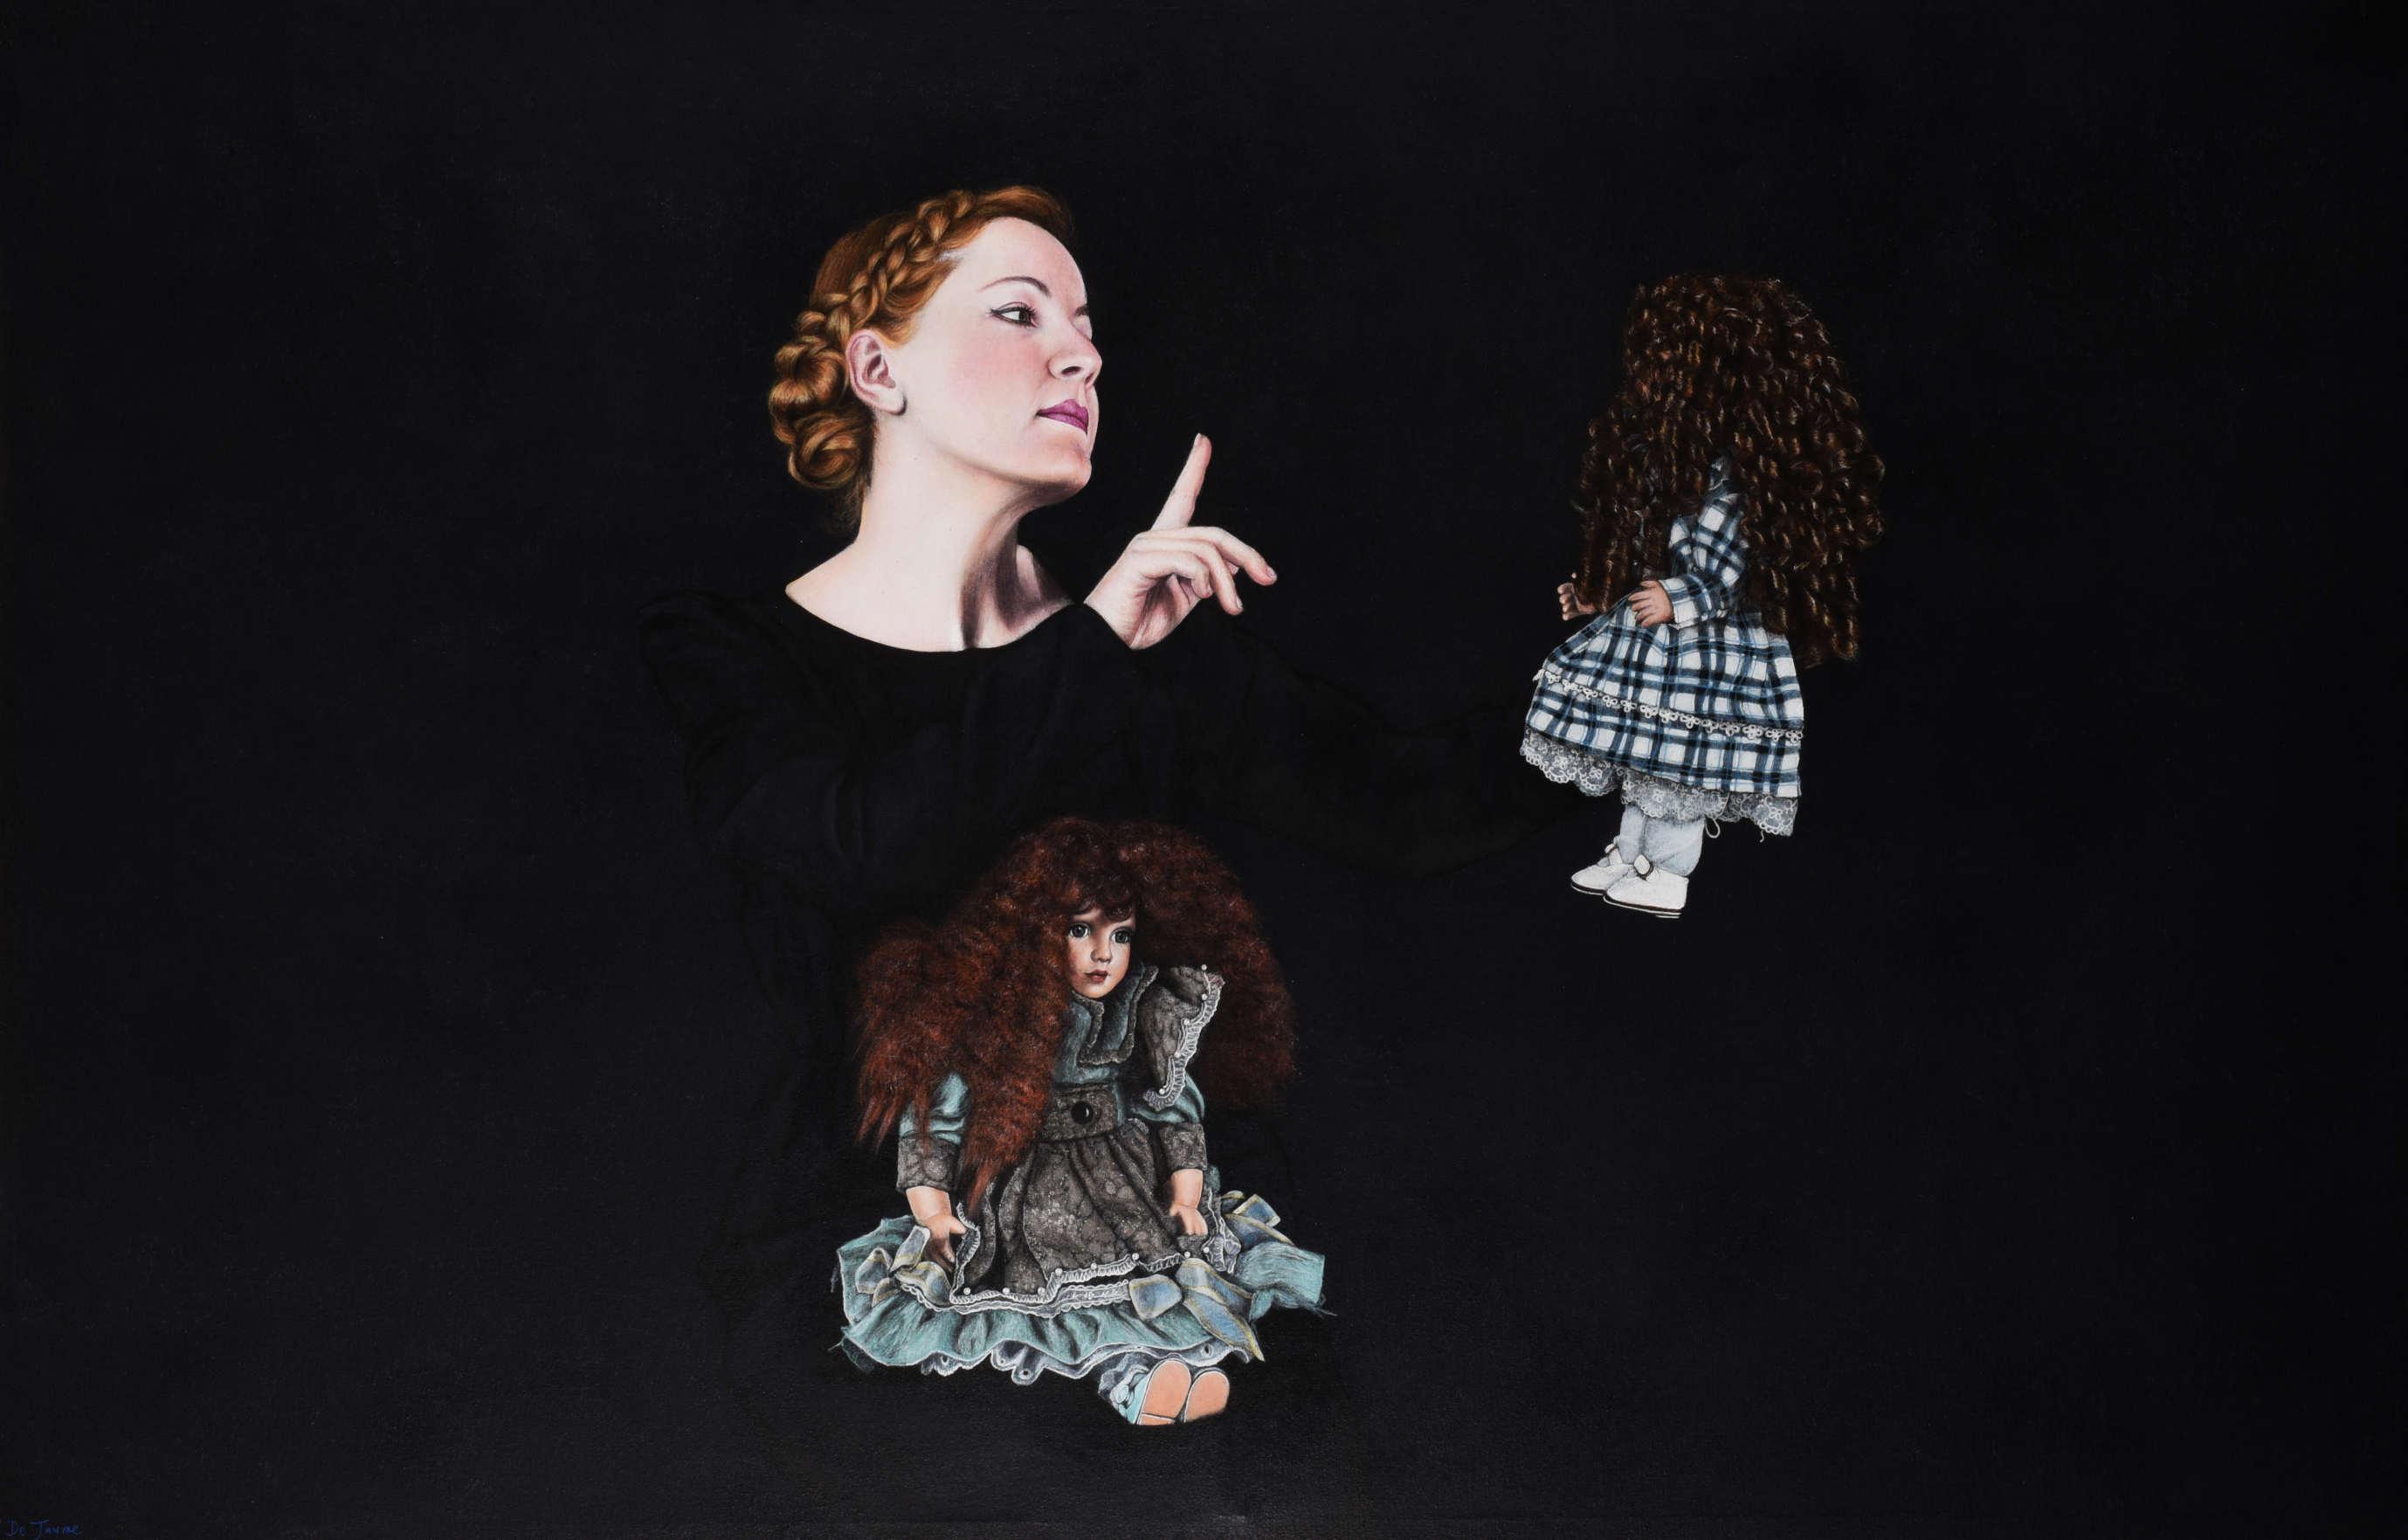 Hablando con muñecas (2016) - Sandra De Jaume